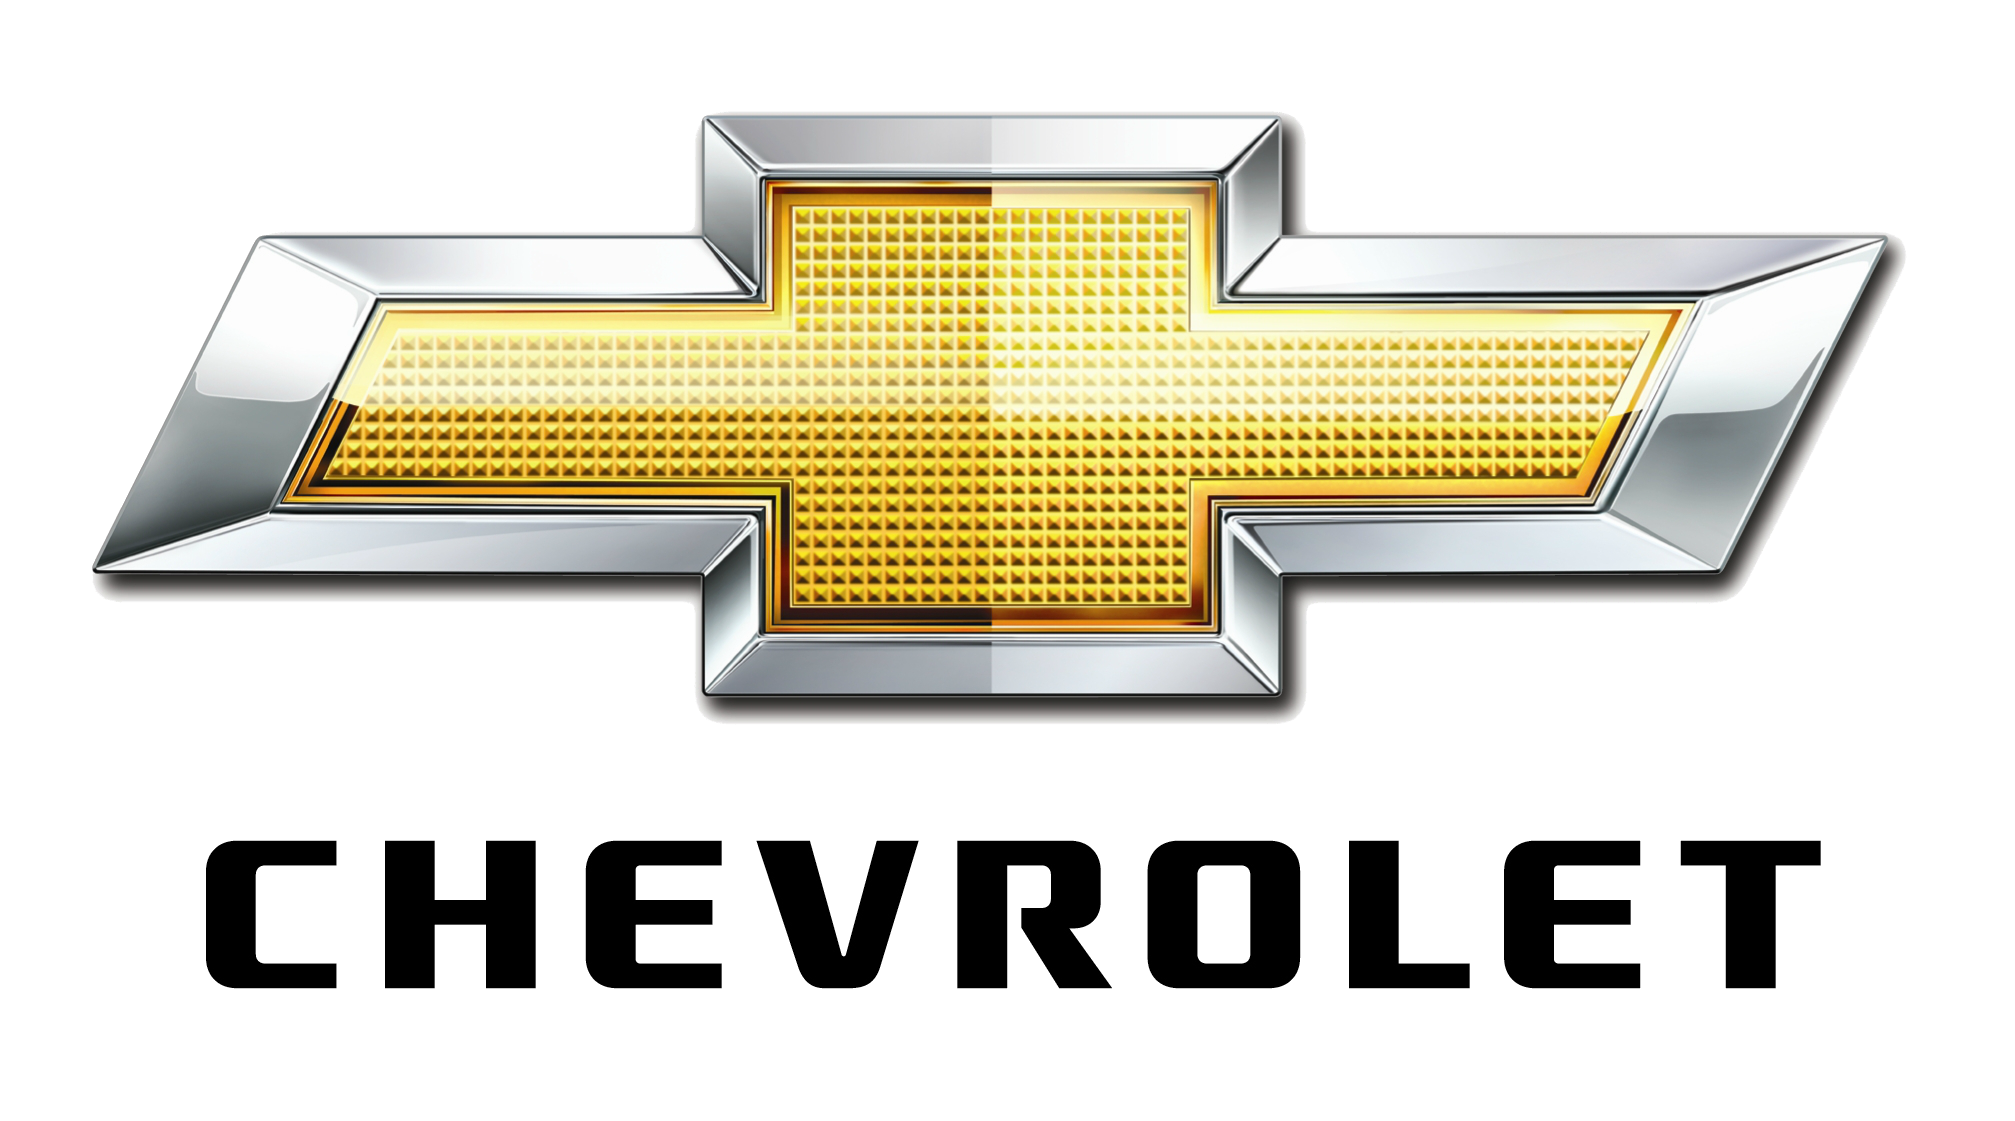 Chevrolet alquiler coches de lujo madrid marbella ibiza barcelona valencia